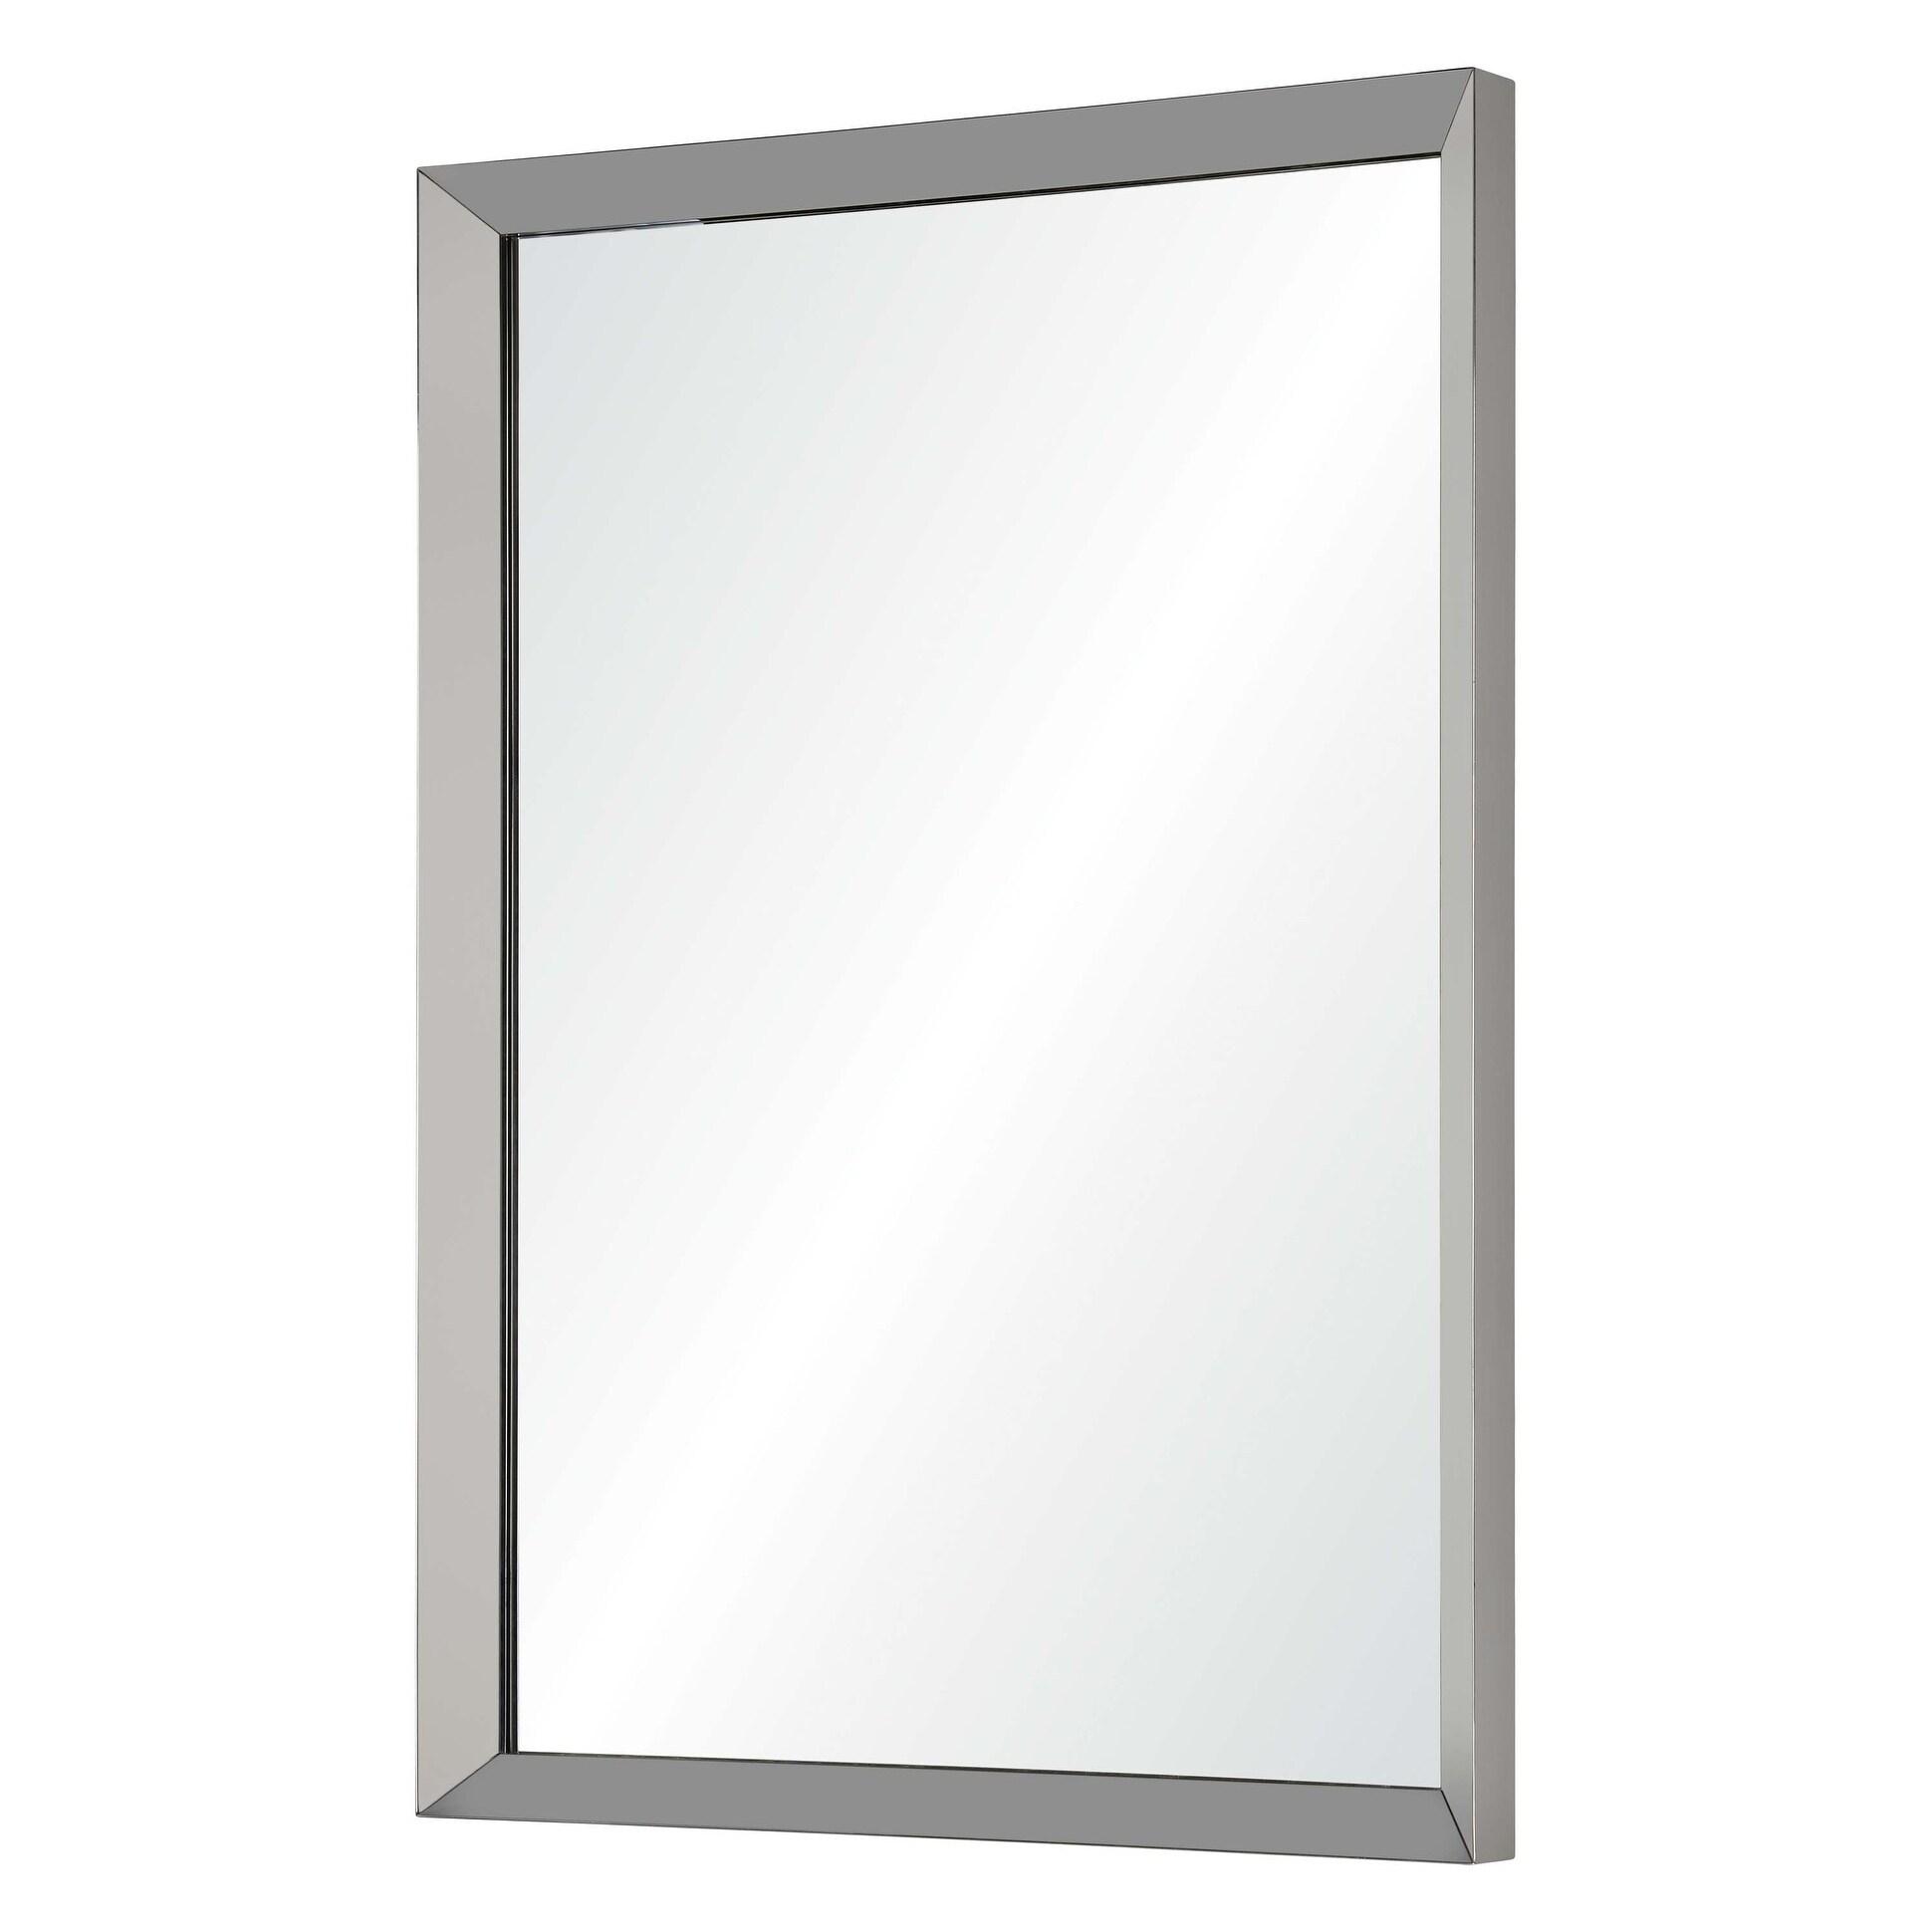 Shop Villette Framed Rectangular Wall Mirror Satin Nickel On